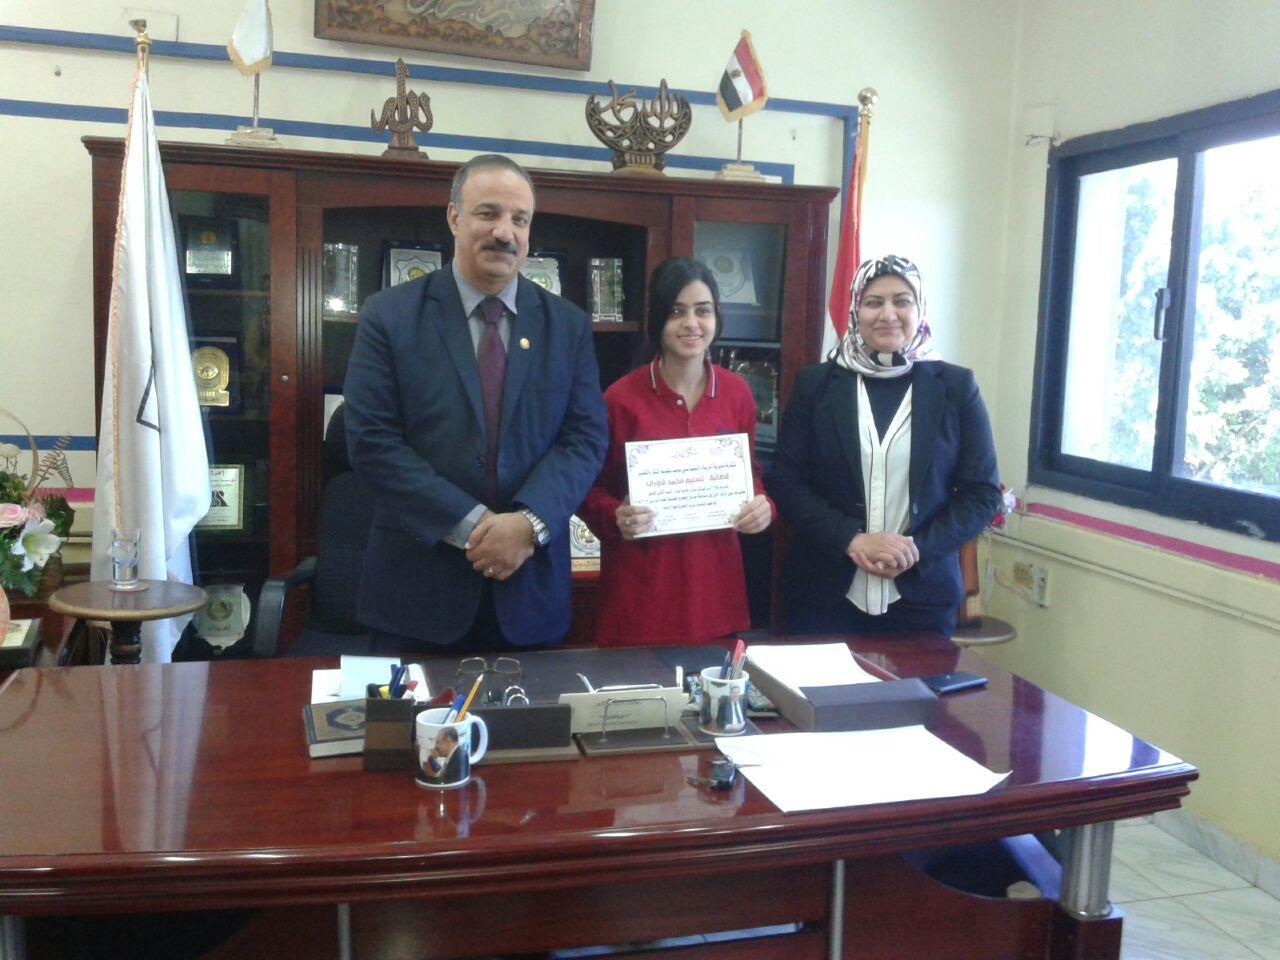 2- وكيل الوزارة ووكيل المديرية مع احدى الطالبات المكرمات